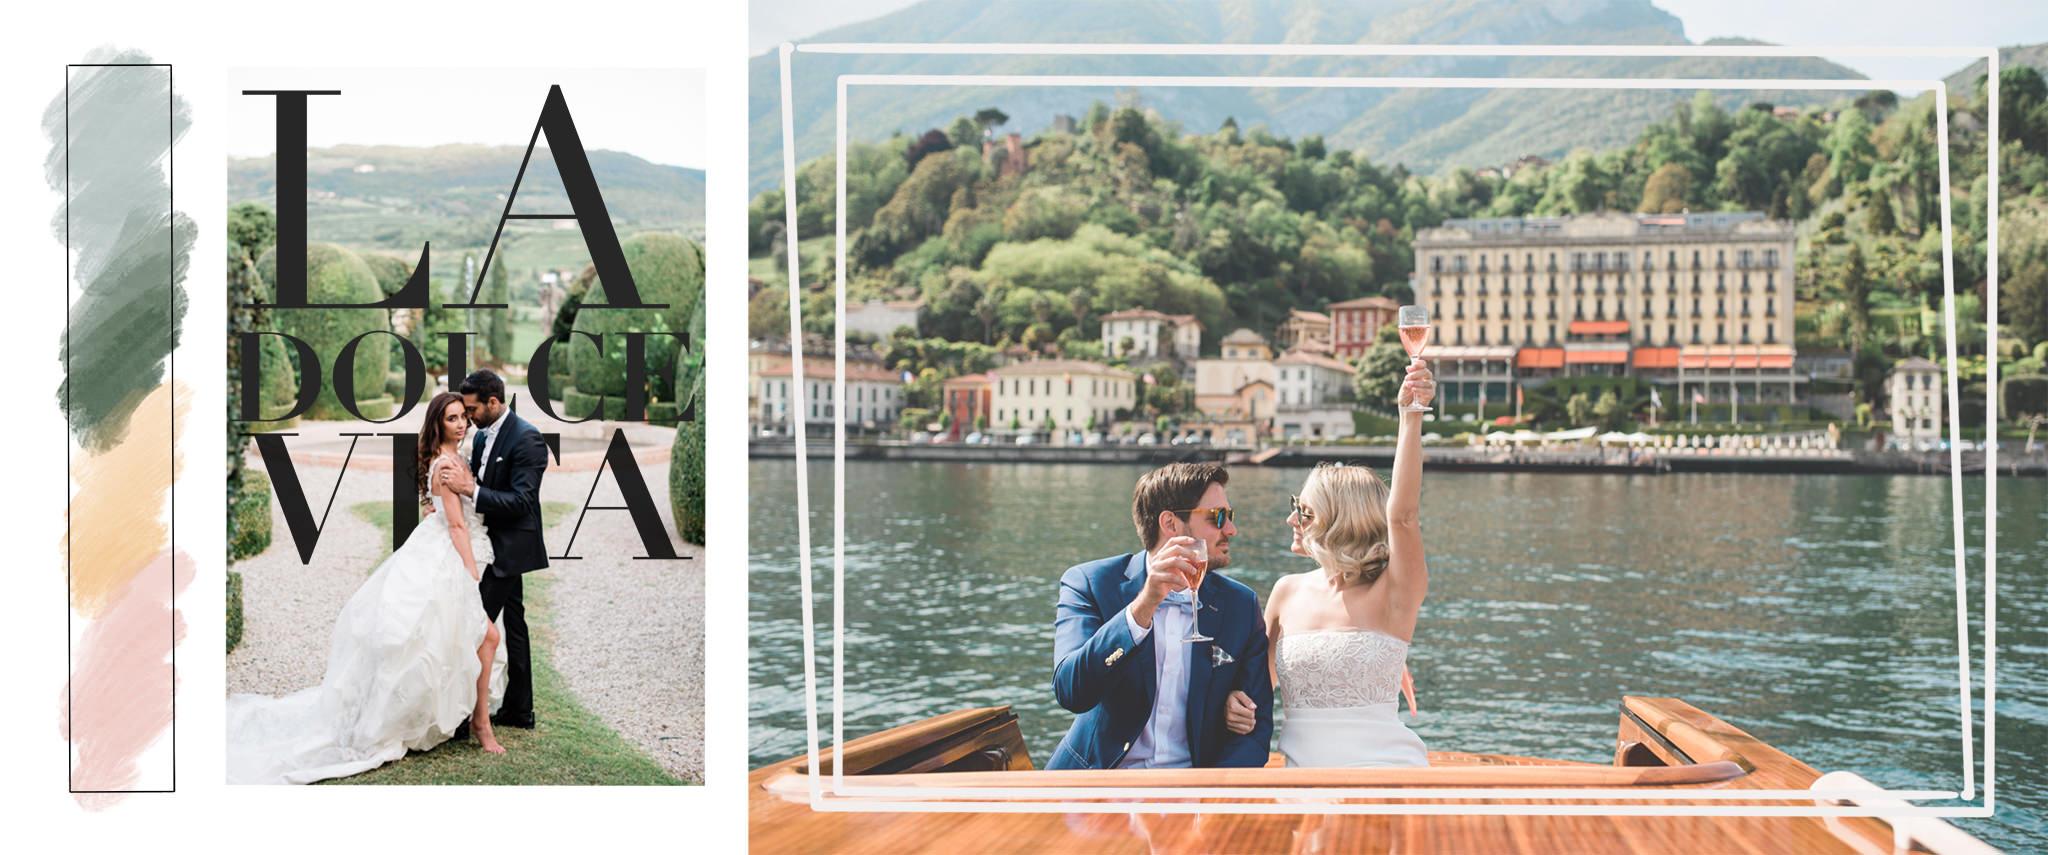 Wedding Photo Video Italy